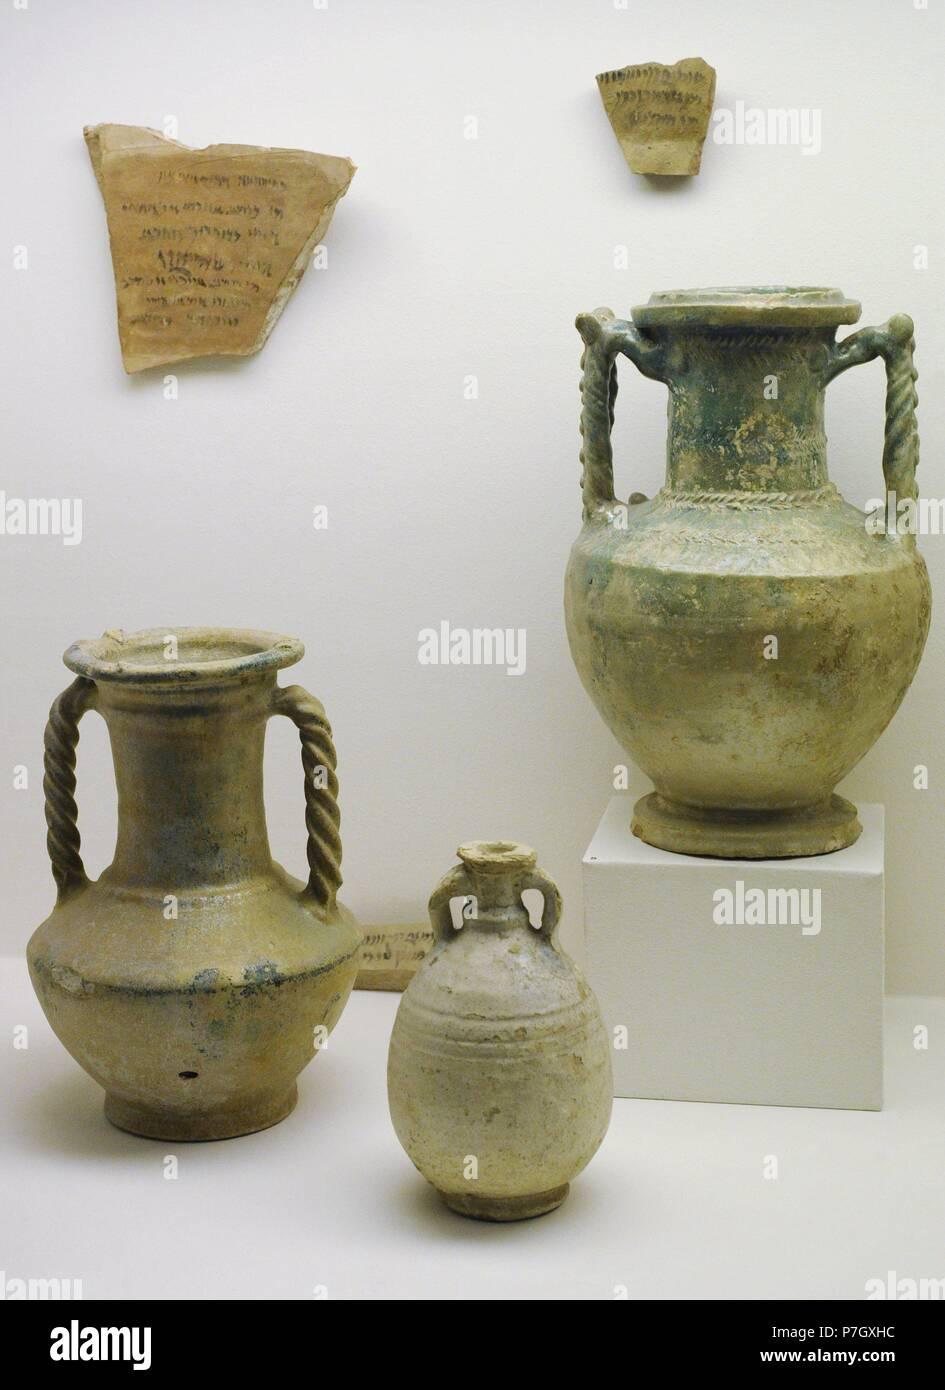 Cercano Oriente. La cerámica vidriada iraní. 2ª-3ª siglo DC. El Museo Estatal del Hermitage. San Petersburgo. Rusia. Foto de stock